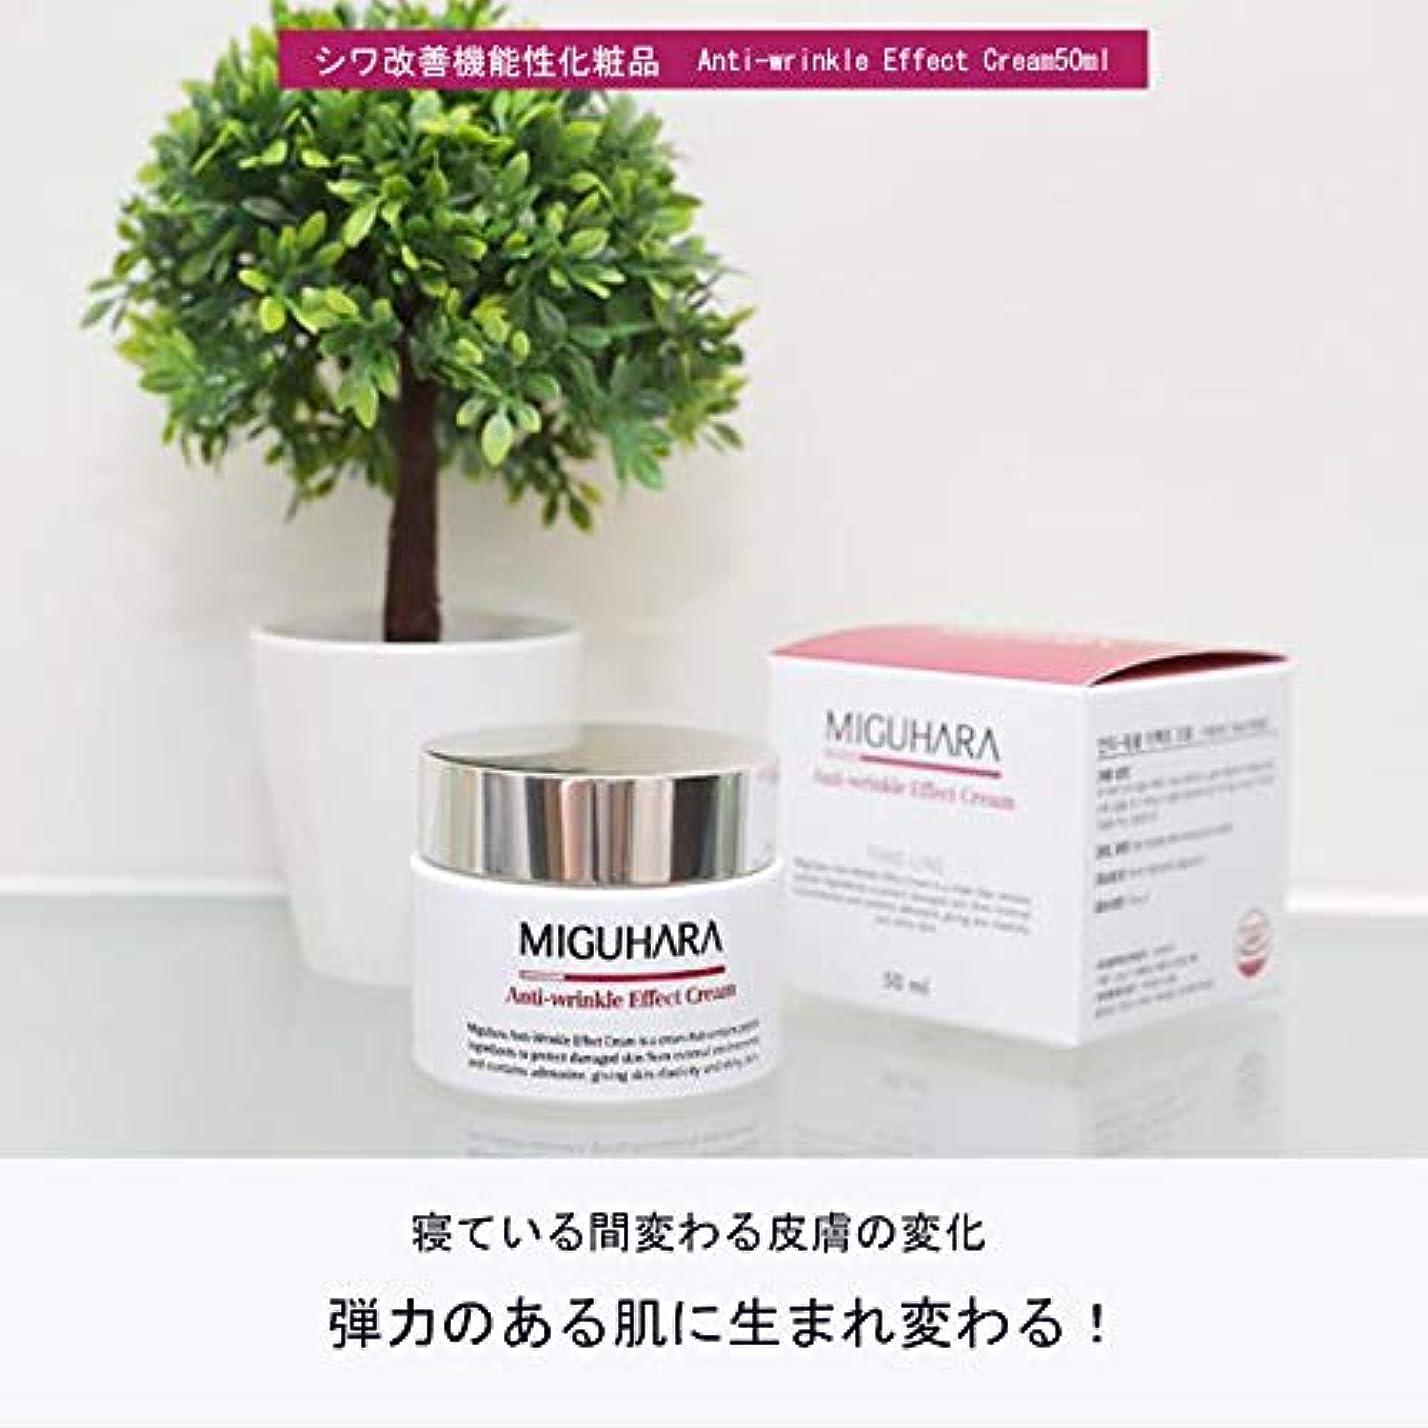 証言する市場壊れたMIGUHARA アンチ-リンクルエフェクトクリーム 50ml / Anti-wrinkle Effect Cream 50ml